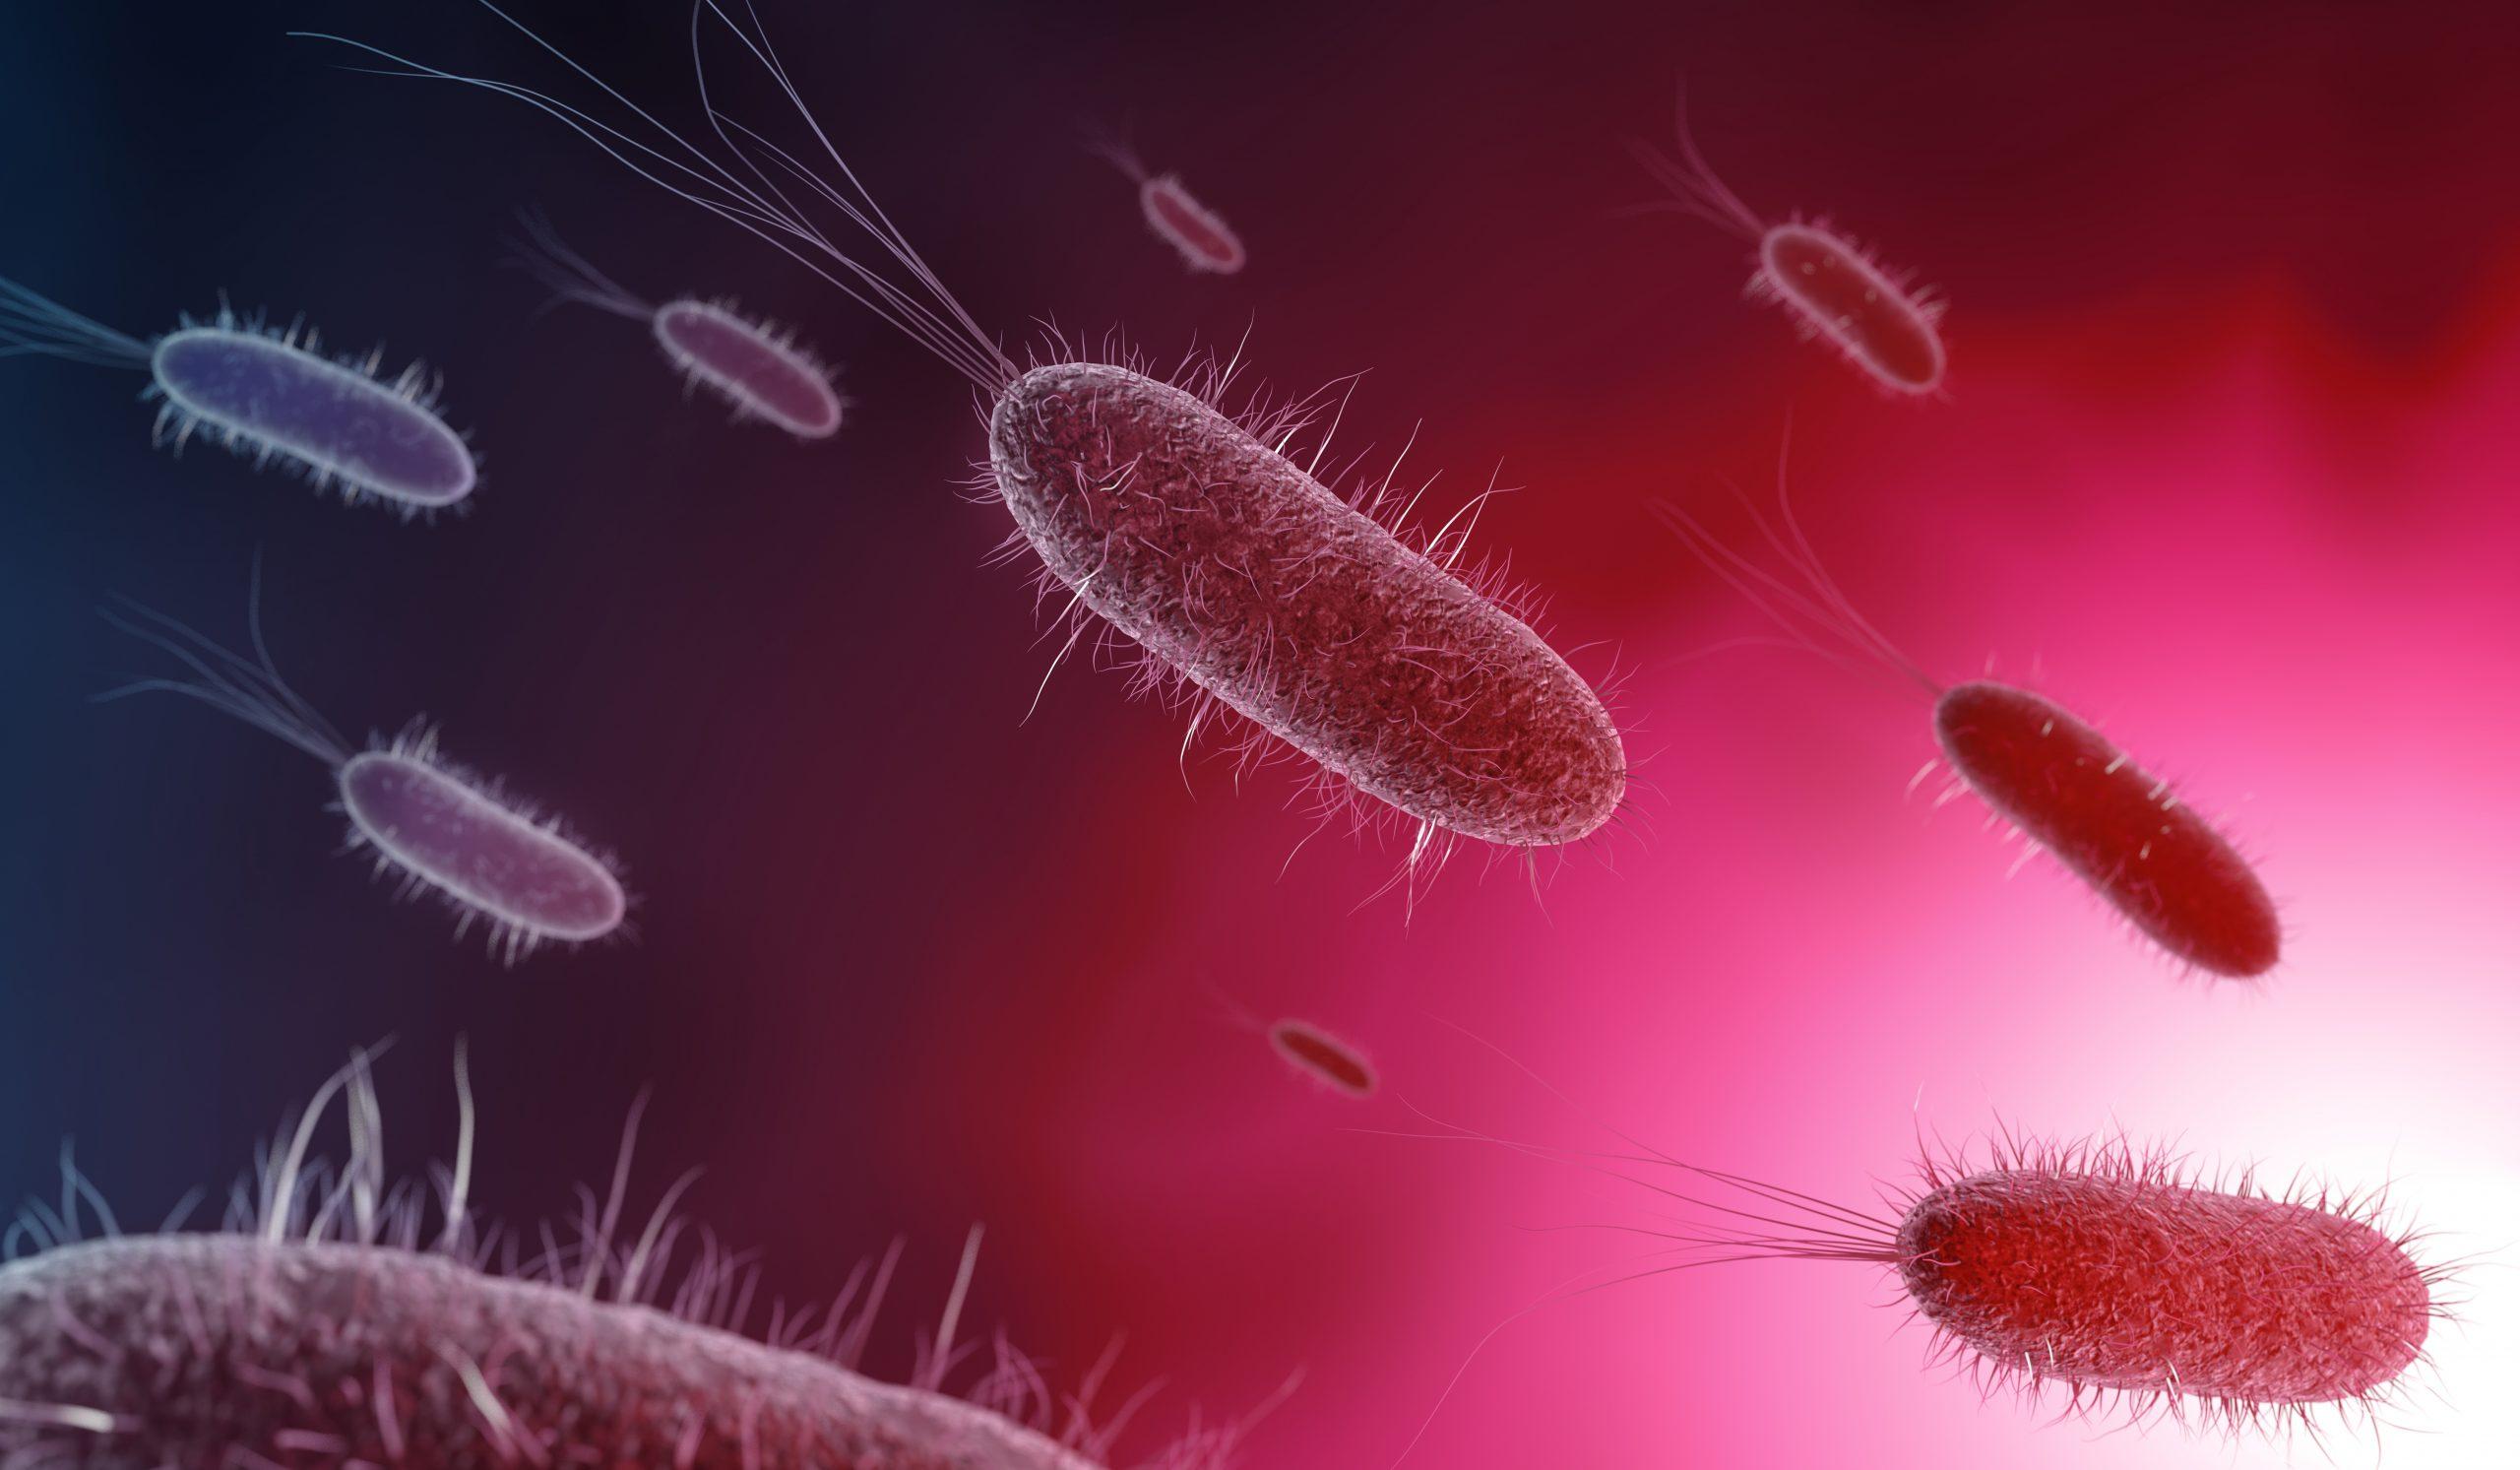 Por que a infecção viral que você tem hoje pode virar outra doença amanhã?